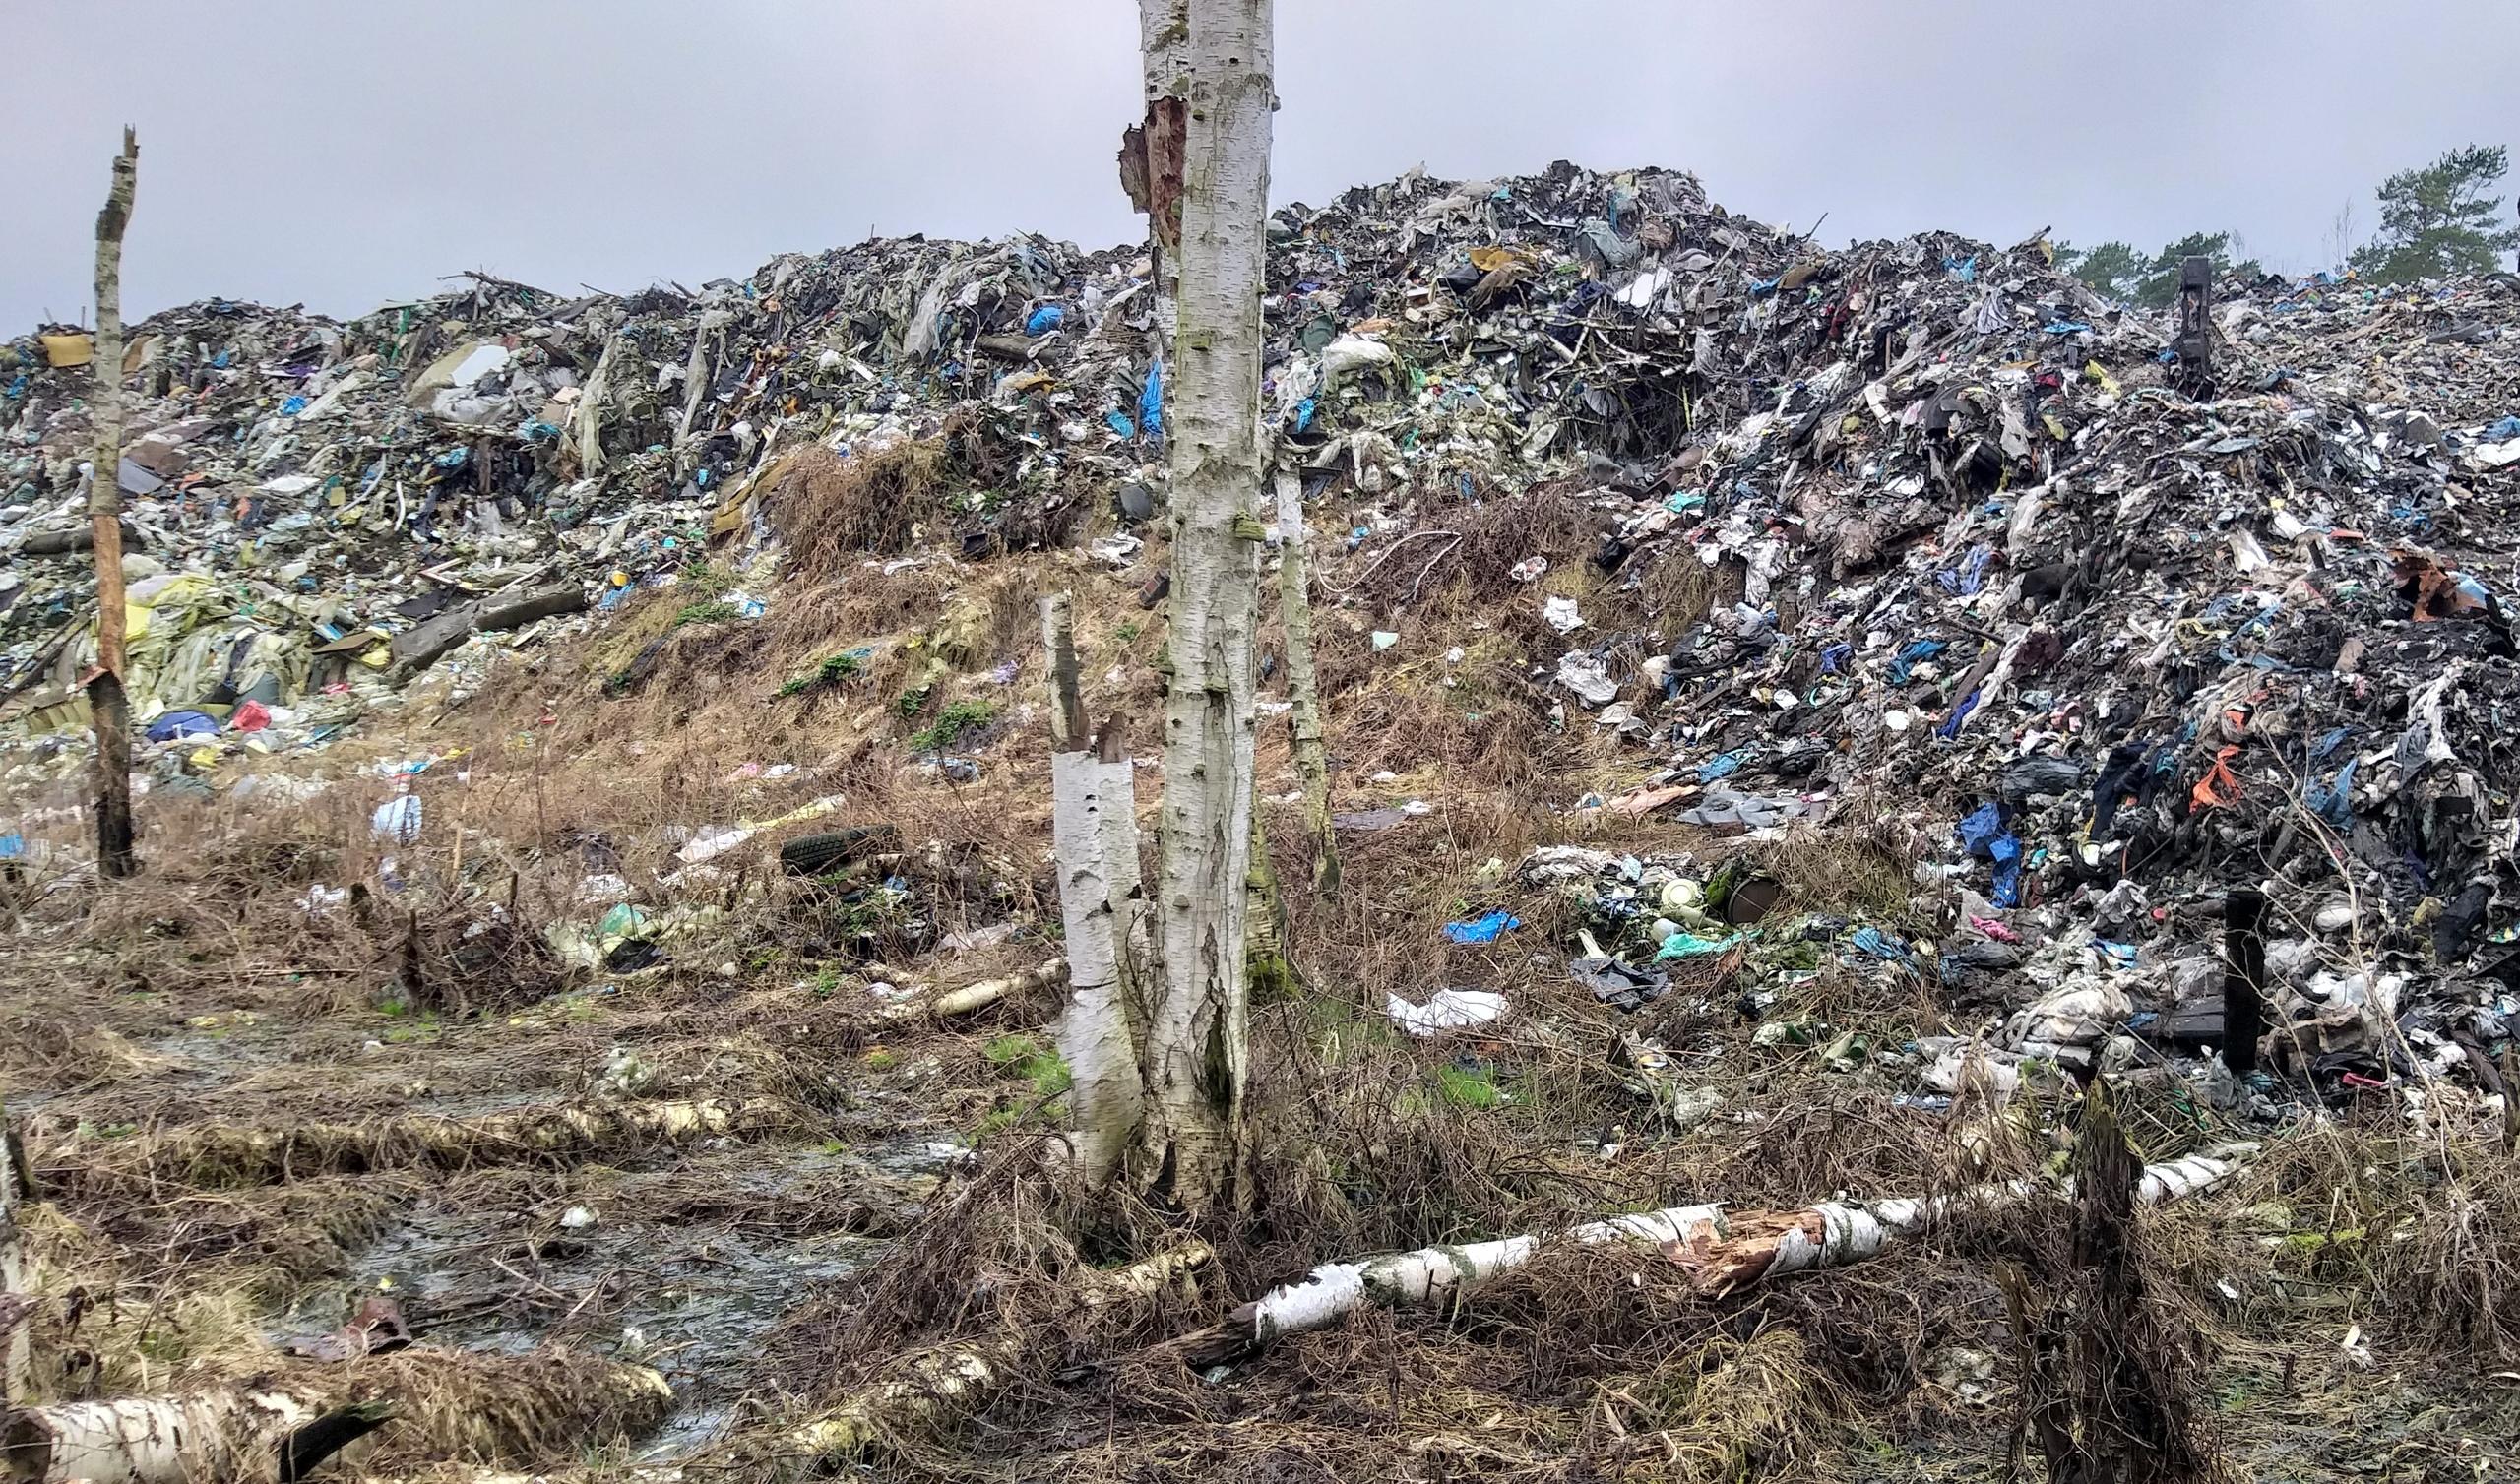 В Тверской области устроивший незаконную свалку директор компании нанес серьезный ущерб окружающей среде - новости Афанасий